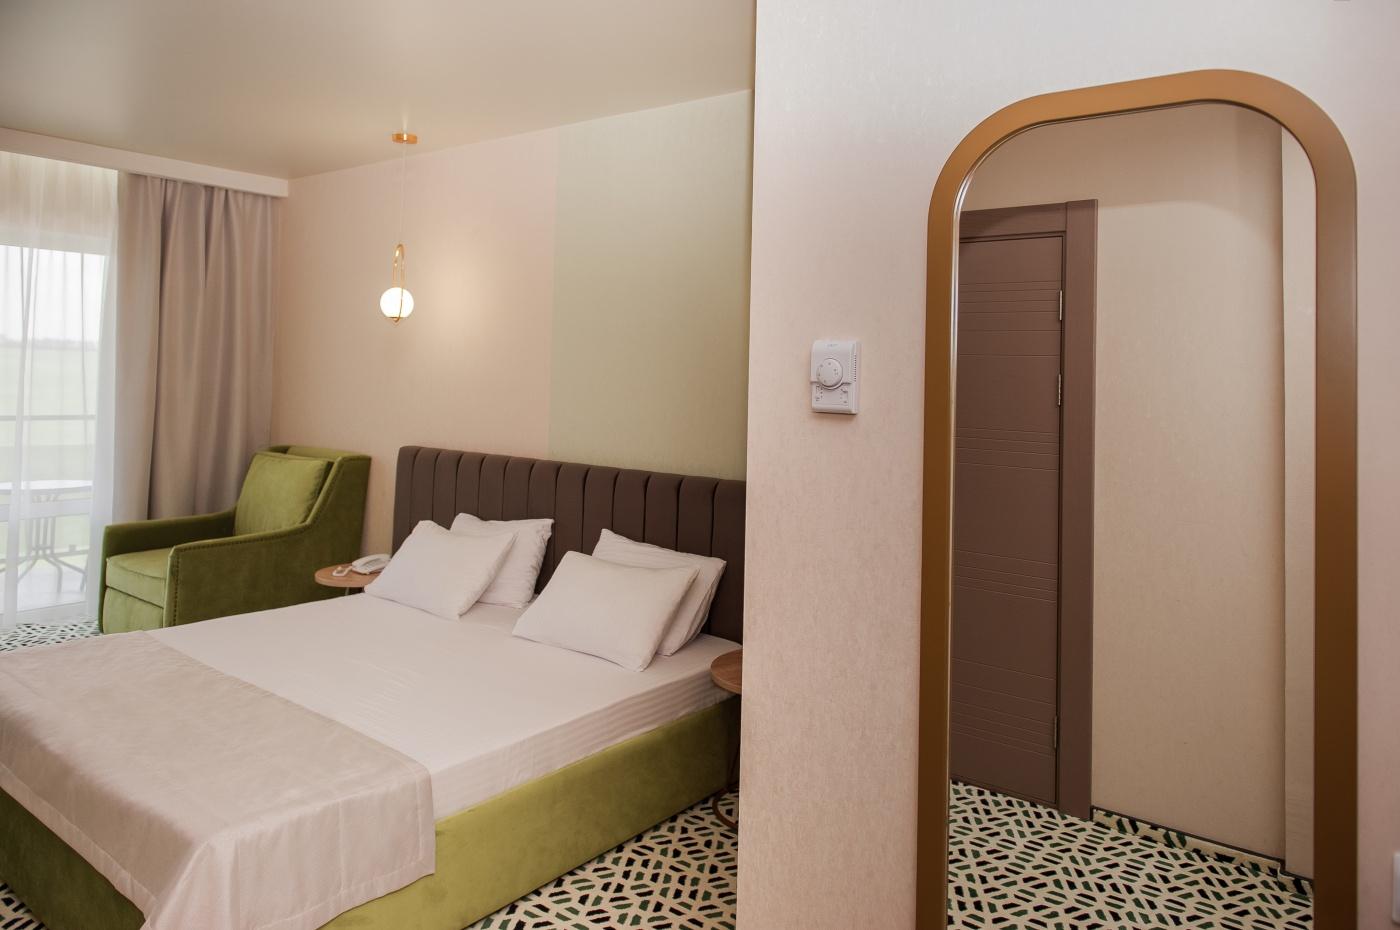 Отель «Aurum Family Resort & Spa» Краснодарский край Family room 4-местный 2-комнатный, фото 4